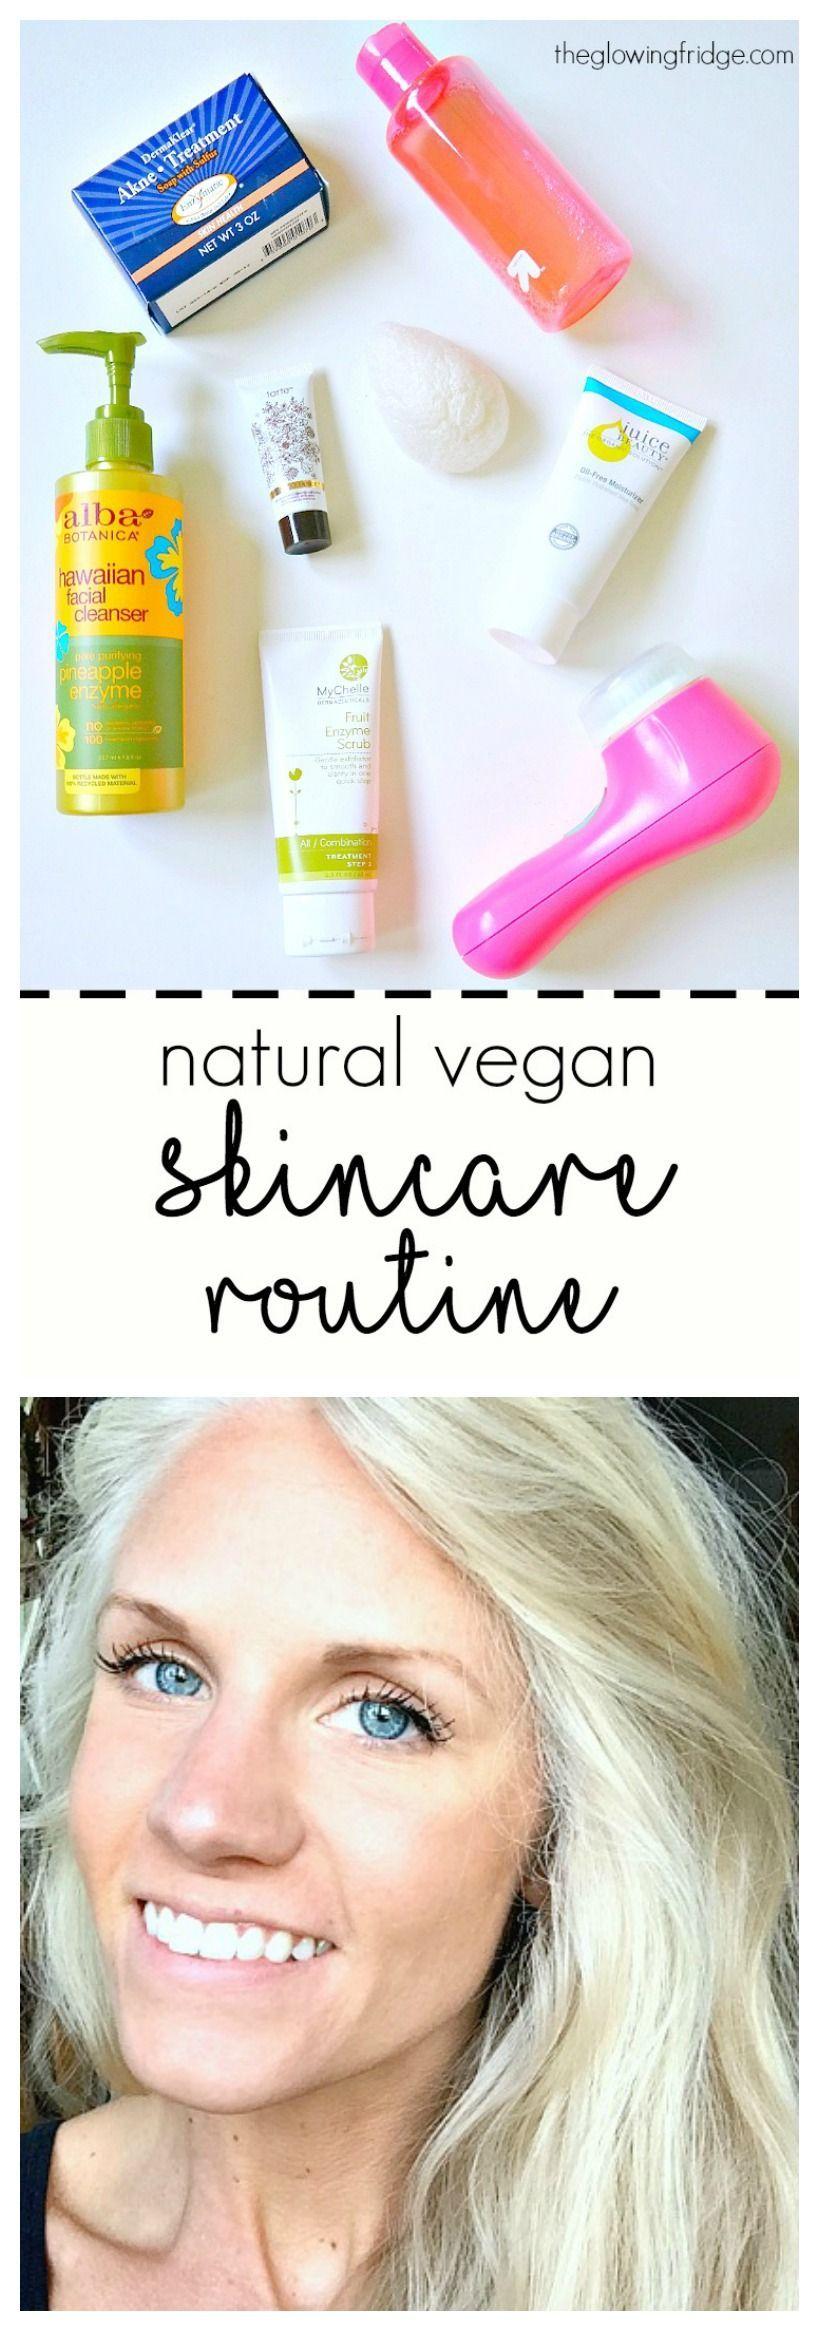 My Natural Vegan Skincare Routine Vegan Skincare Routine Vegan Skincare Natural Skin Care